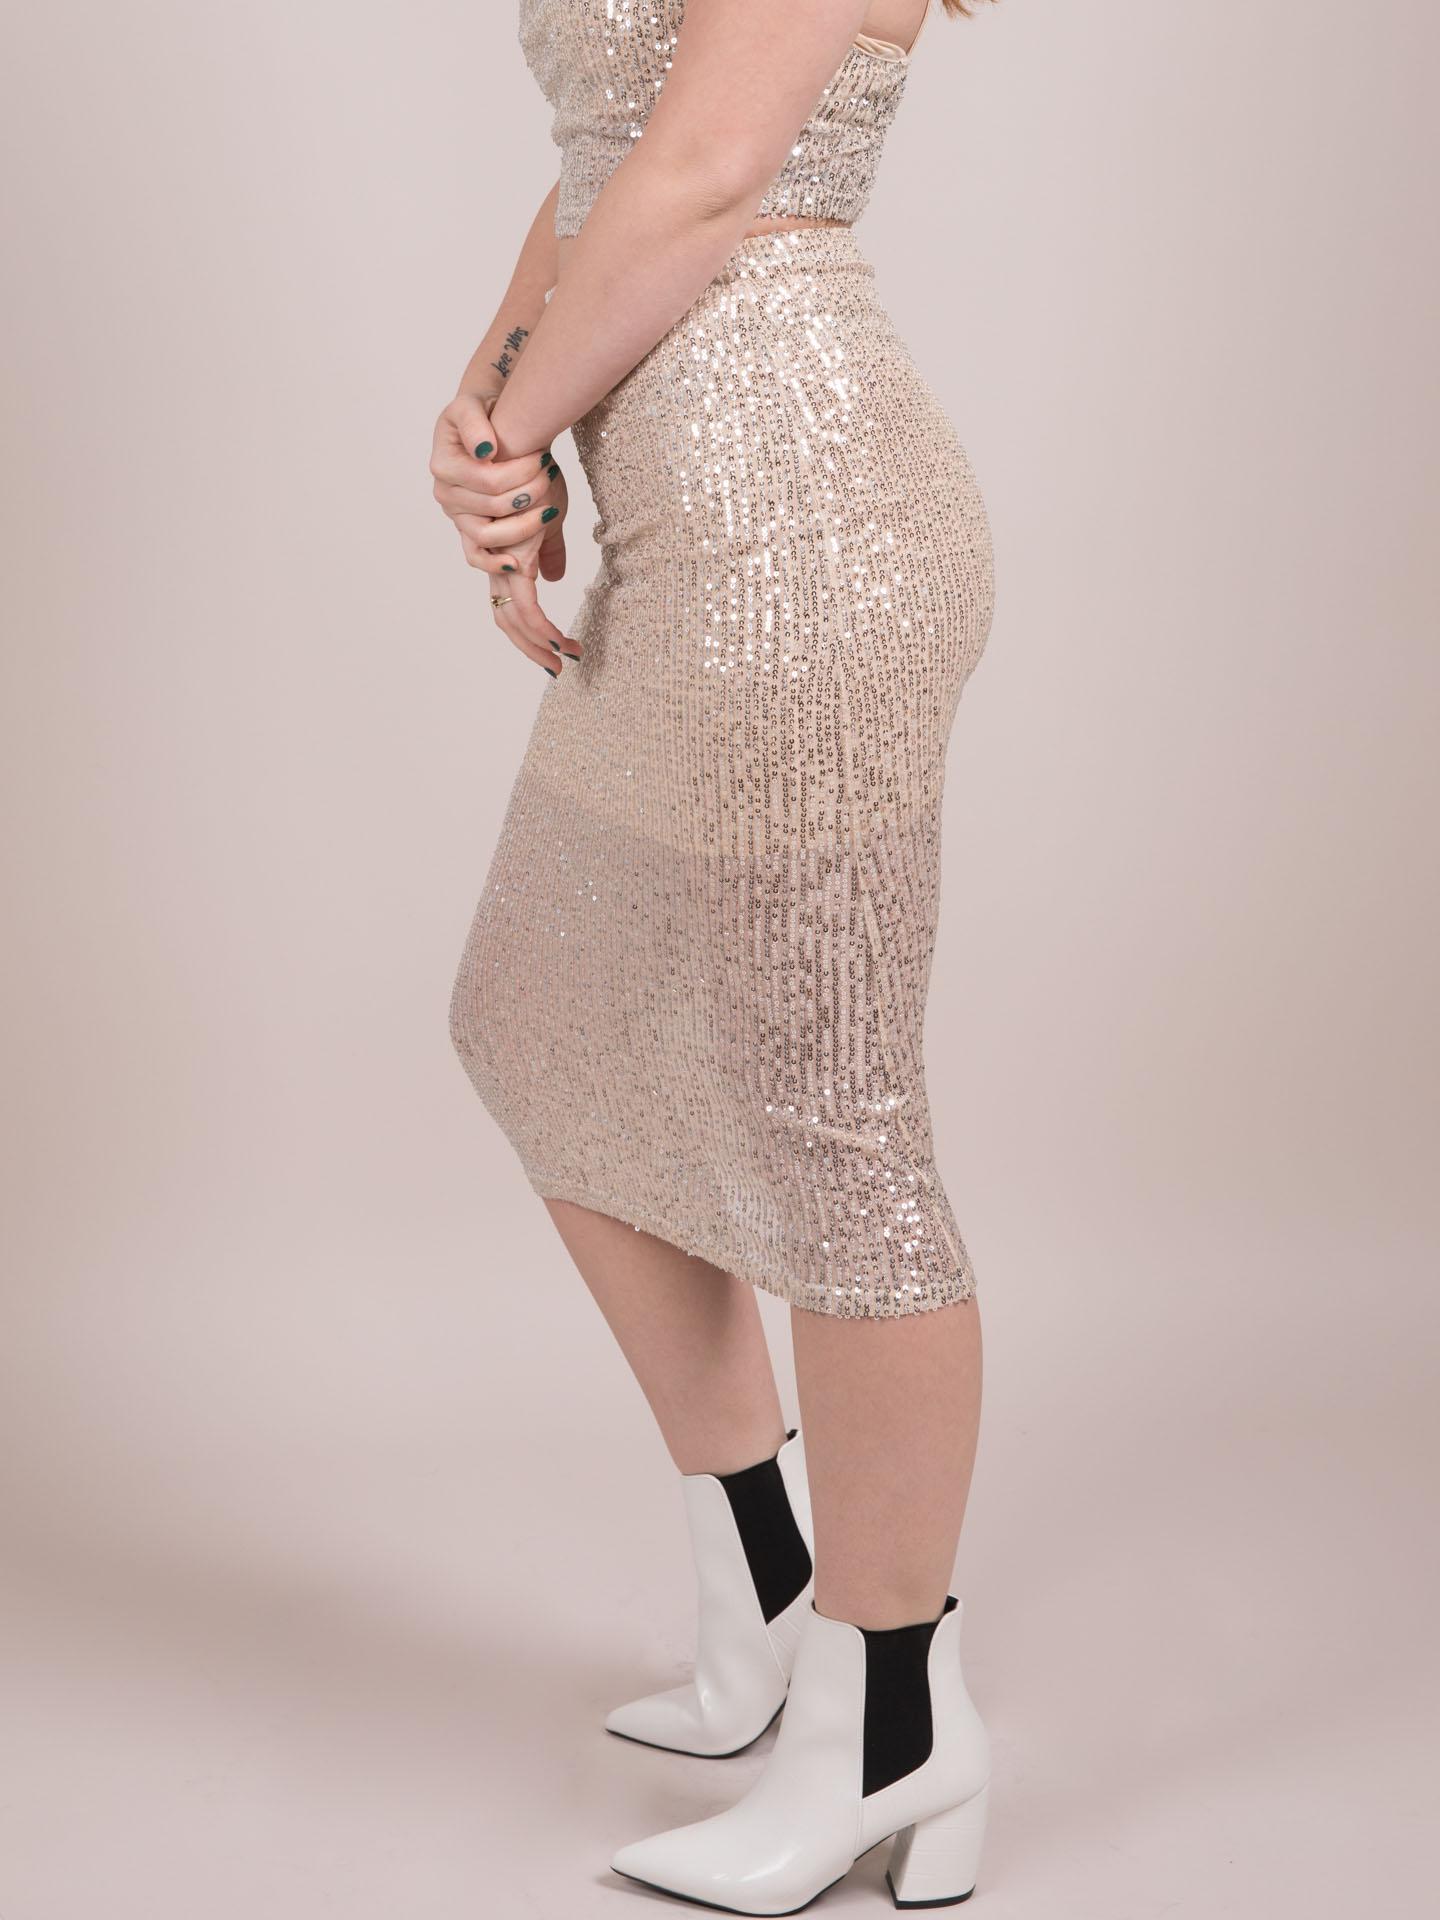 Glisten Skirt Sparkly Sequin Bodycon Side